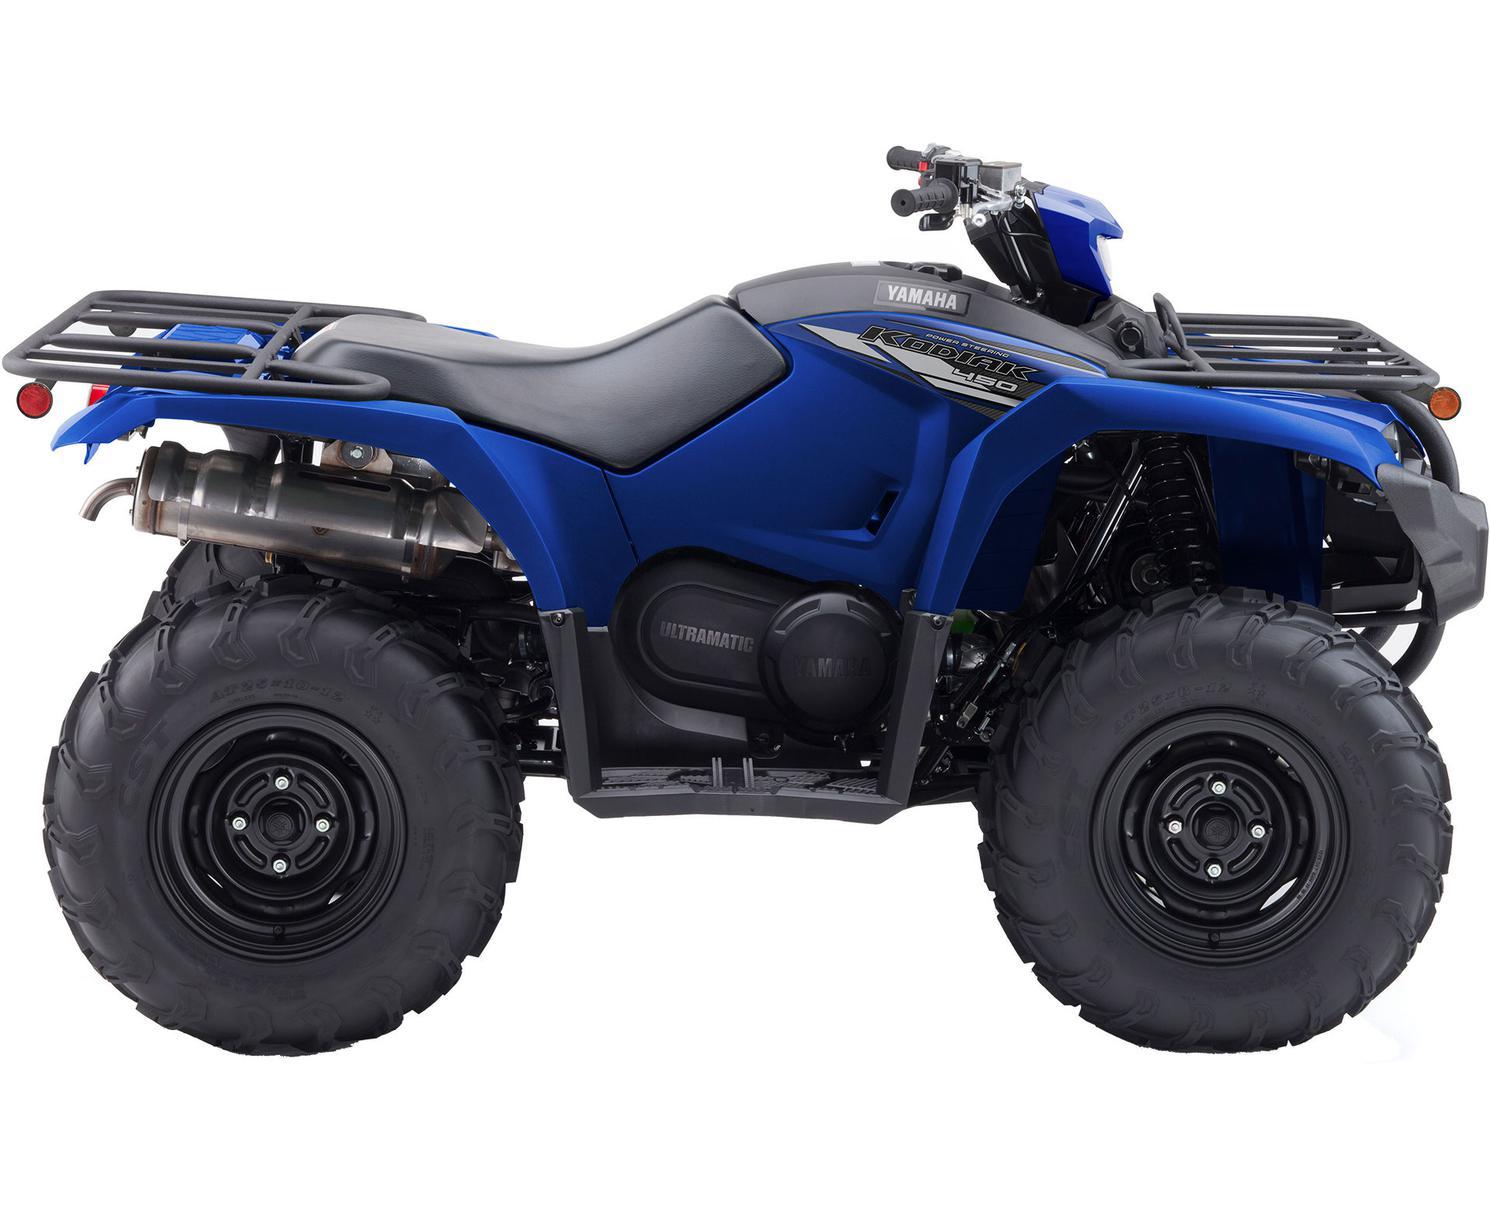 2021 Yamaha Kodiak 450 DAE